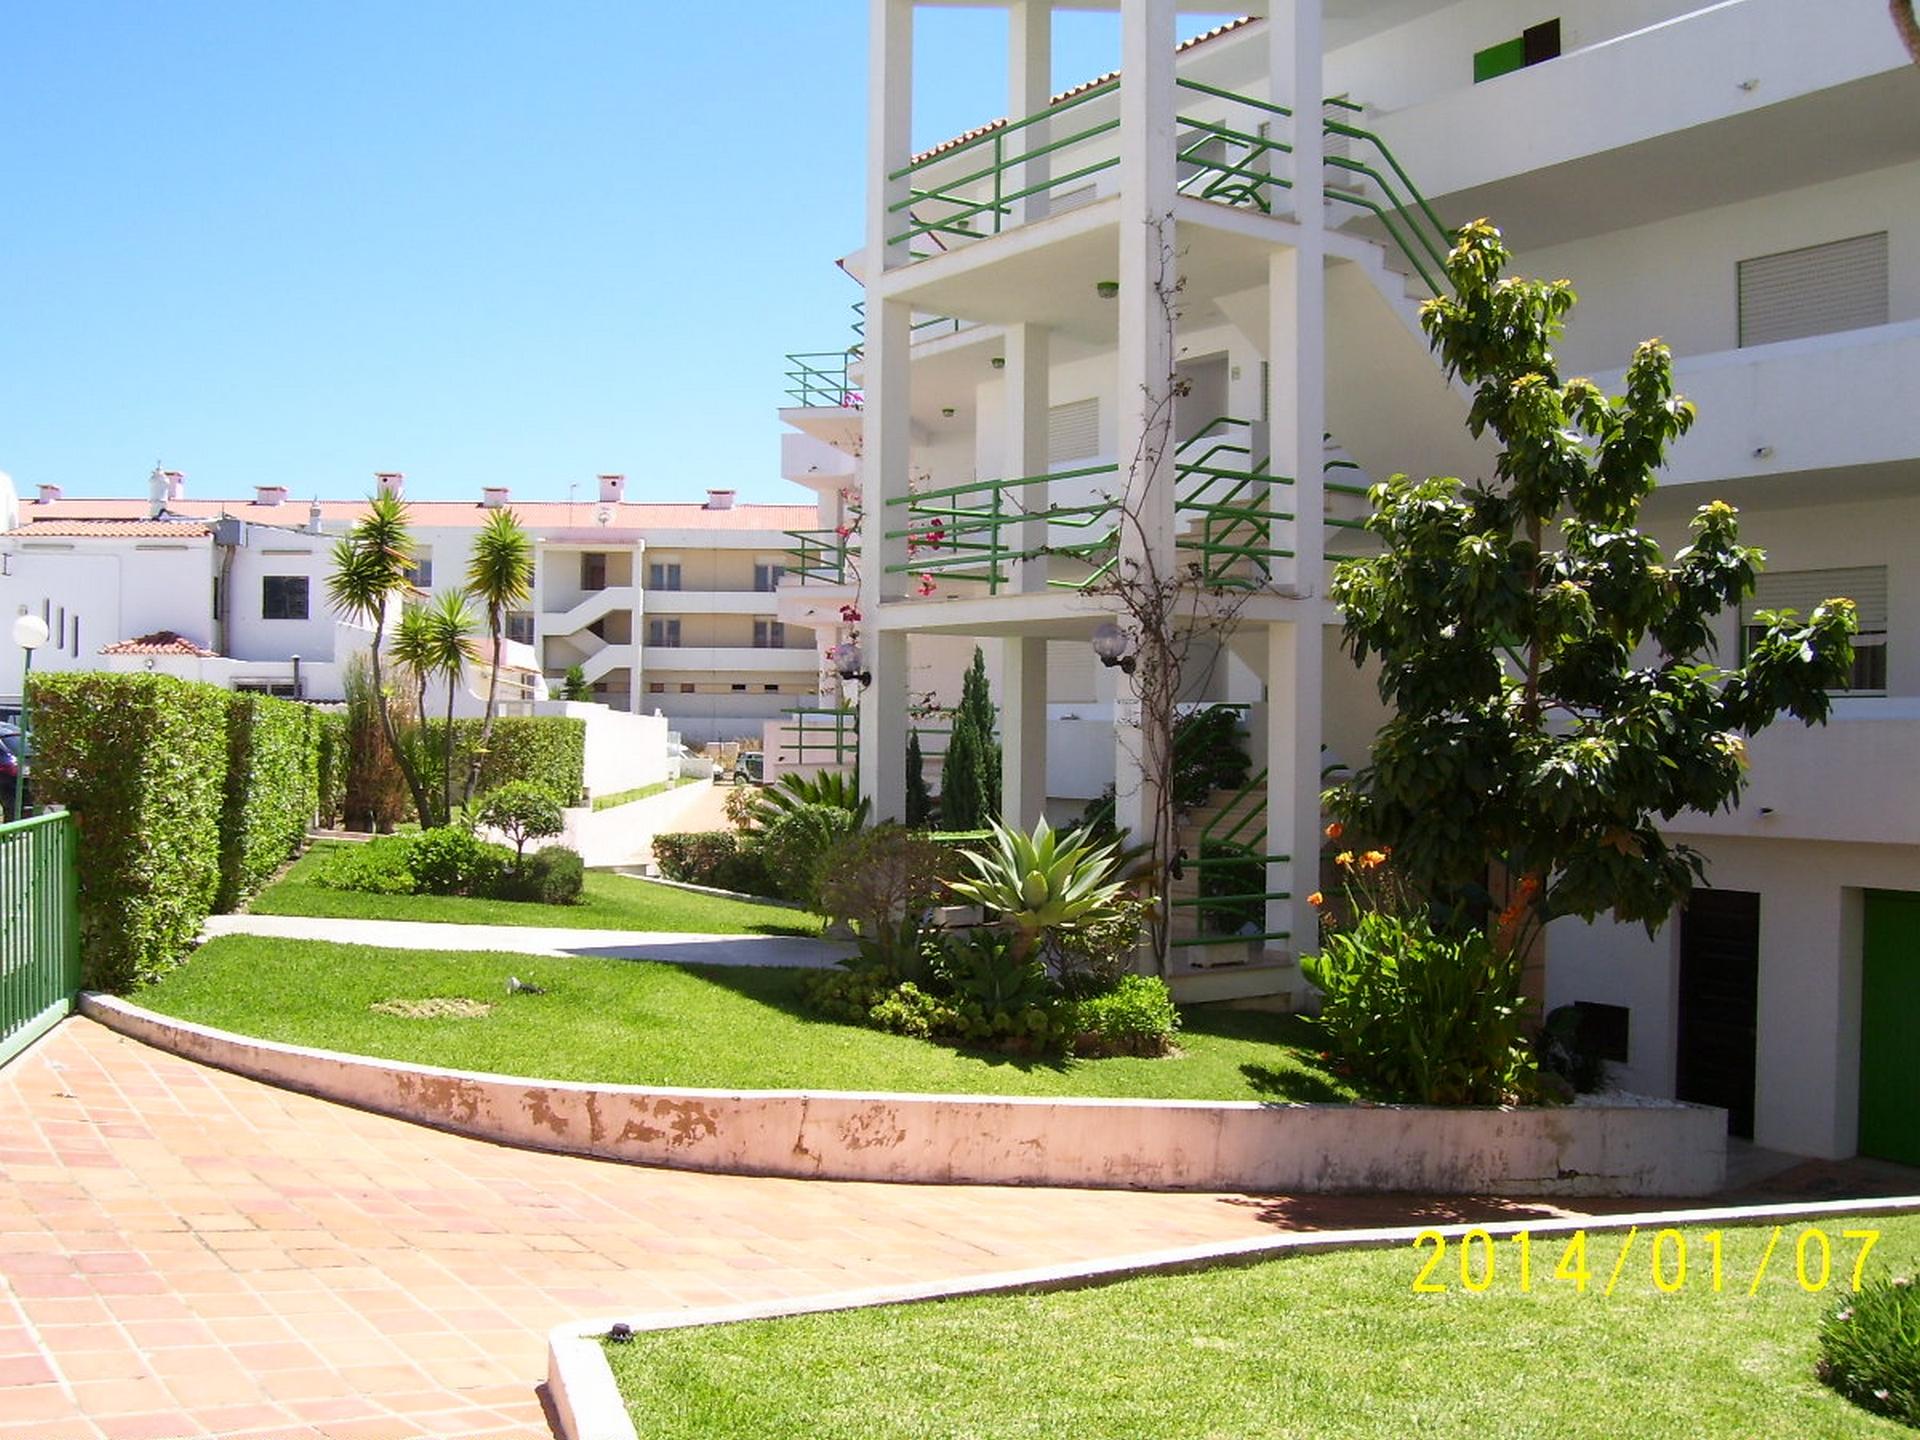 Holiday apartments and villas for rent, Apartamento 4 pessoas à beira mar com piscina Albufeira in Albufeira, Portugal Algarve, REF_IMG_15094_15102